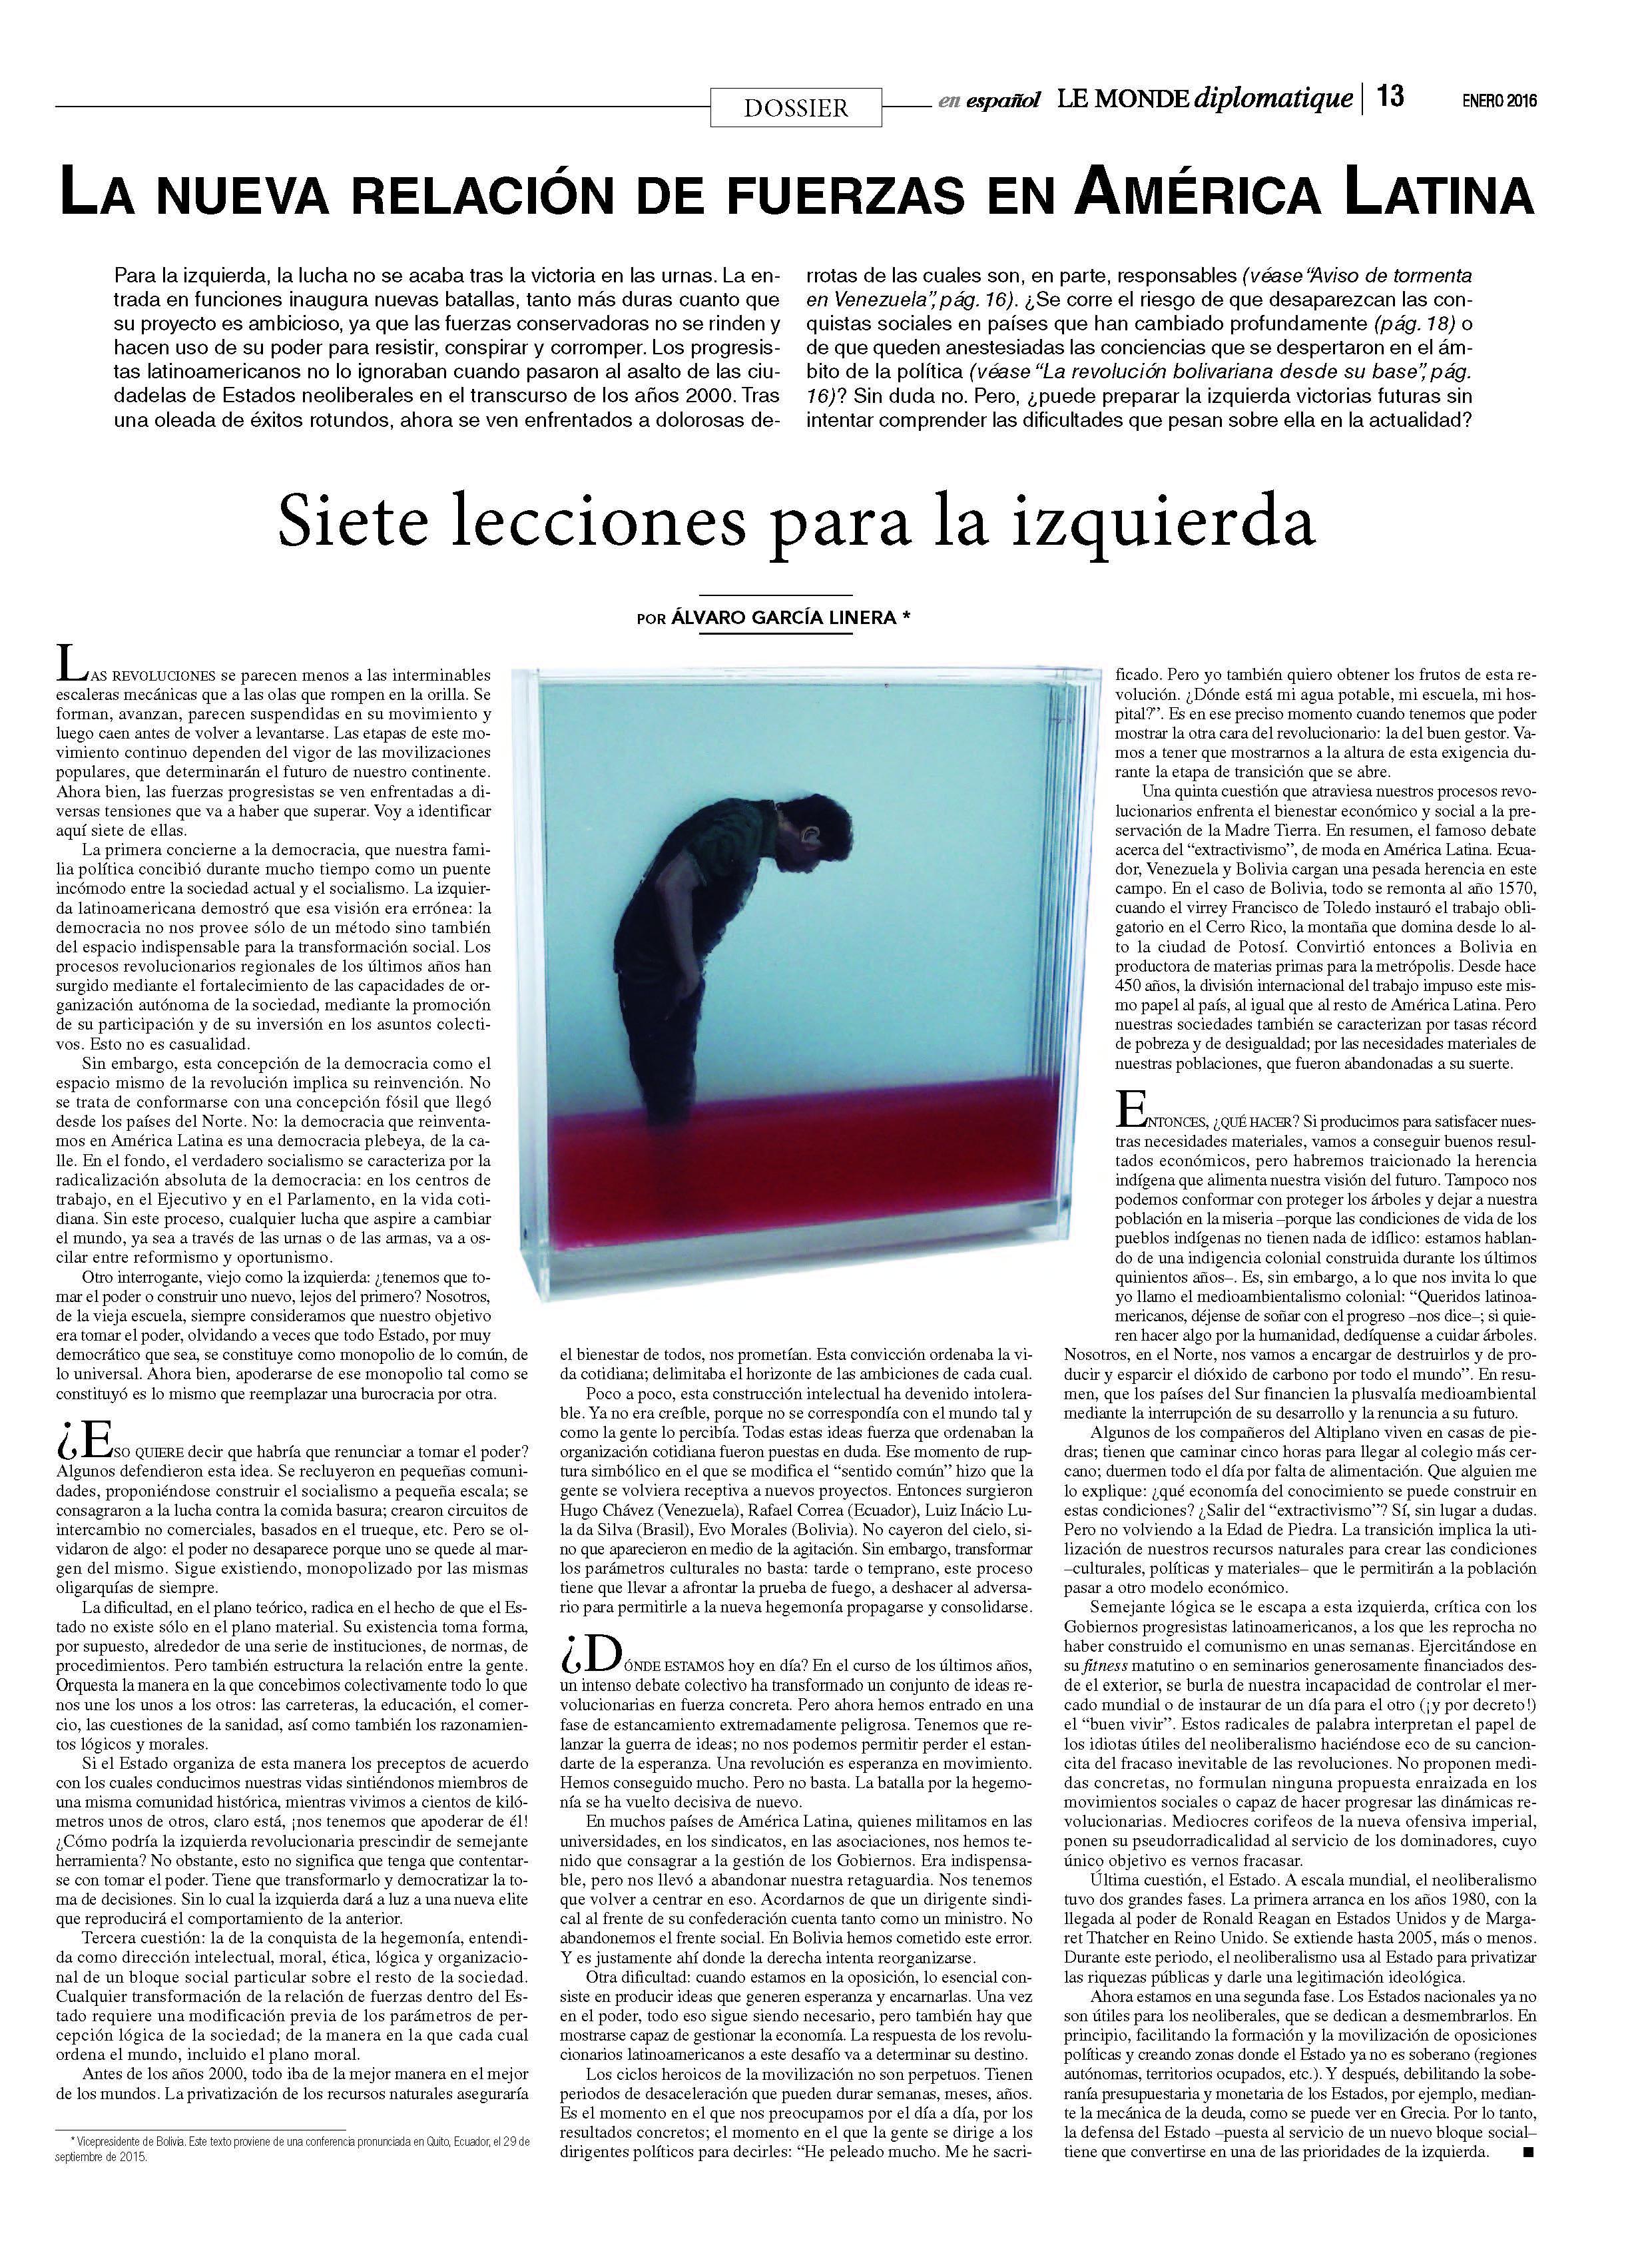 Giros en América Latina - parte 1